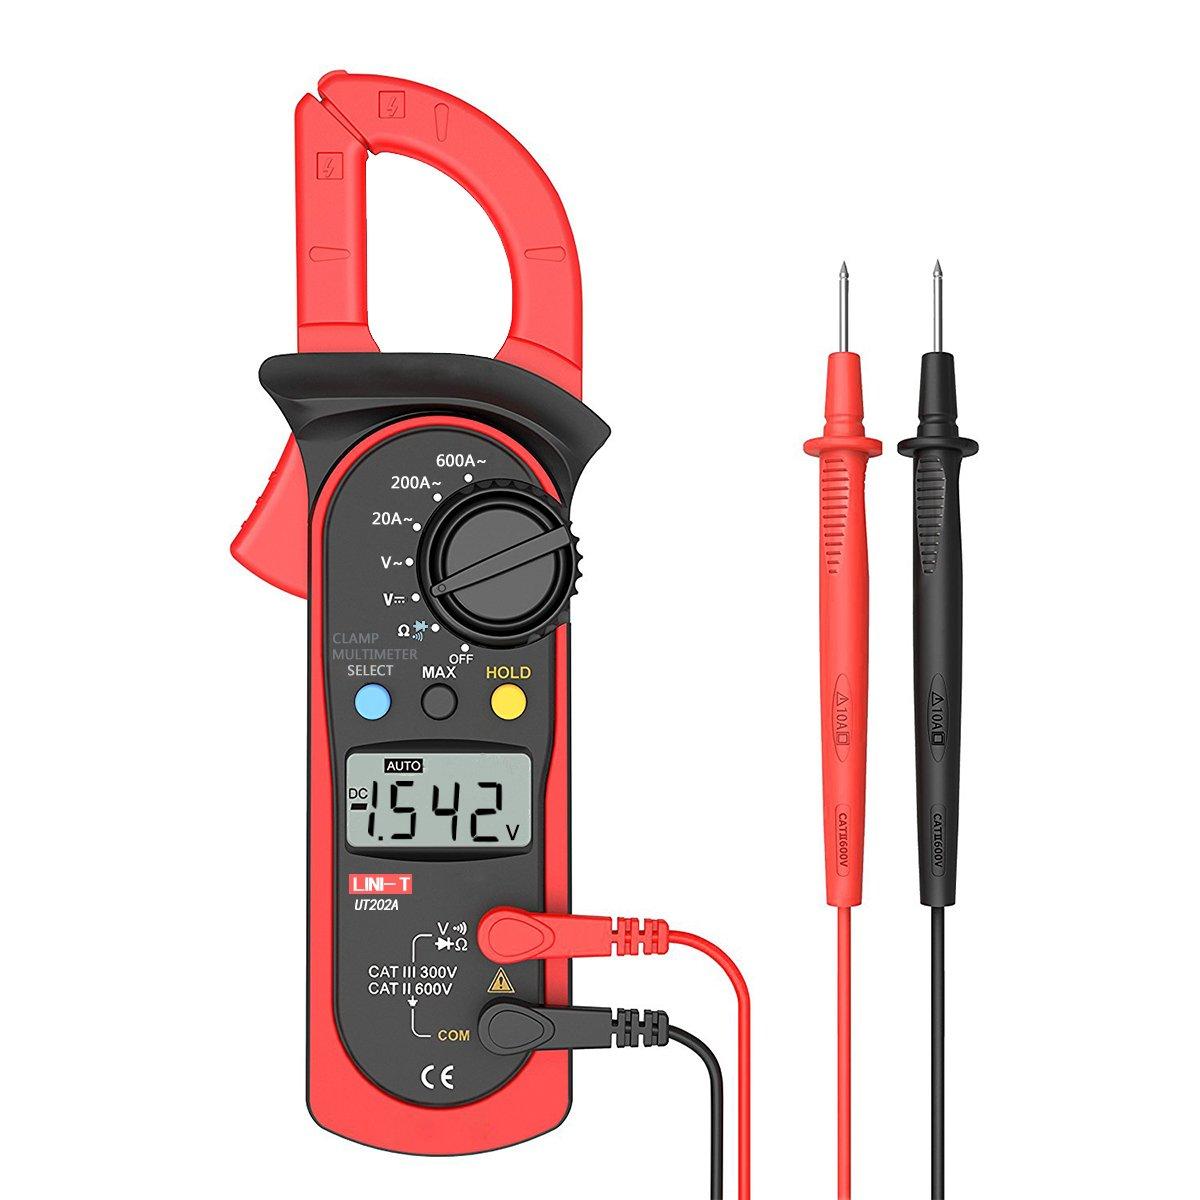 UNI-T UT202A Tragbar Klemmer LCD Digital-Multimeter Elektronische Tester Signstek